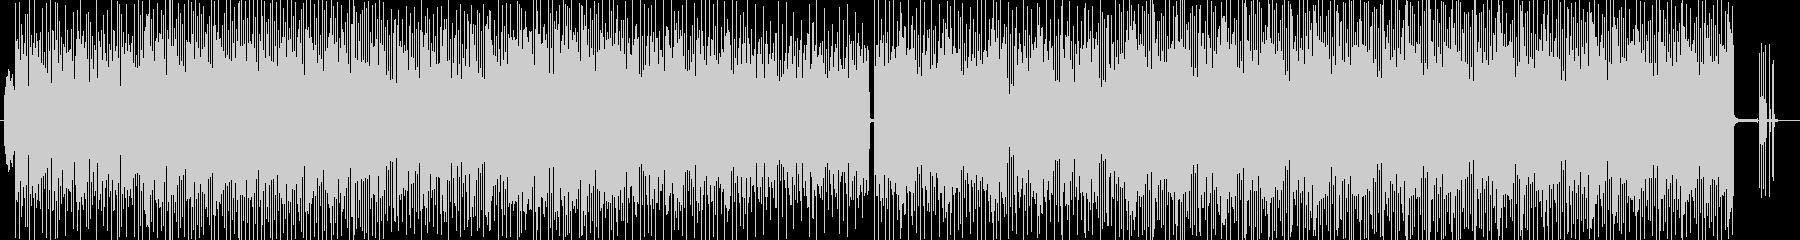 ファンタジーなシンセサウンドポップの未再生の波形